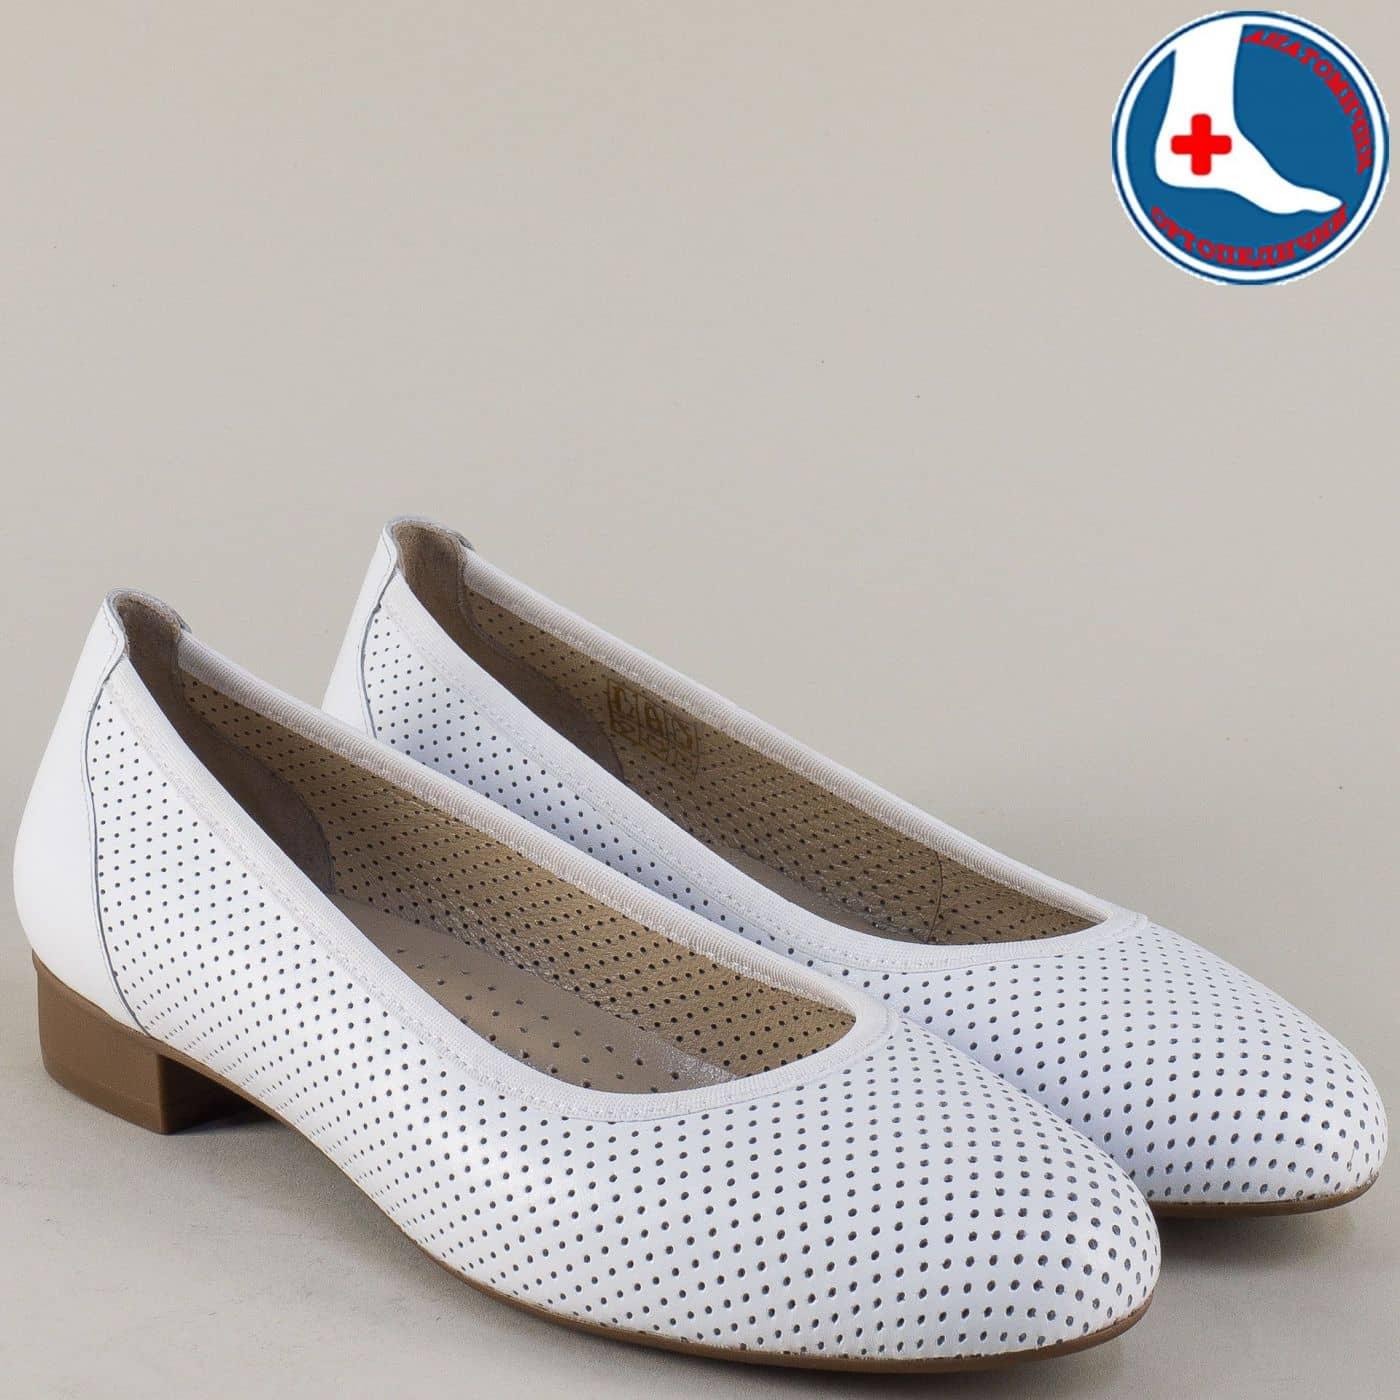 554b95c2a58 Бели дамски обувки от естествена кожа с перфорация на нисък ток z173803b -  Zebra 1992